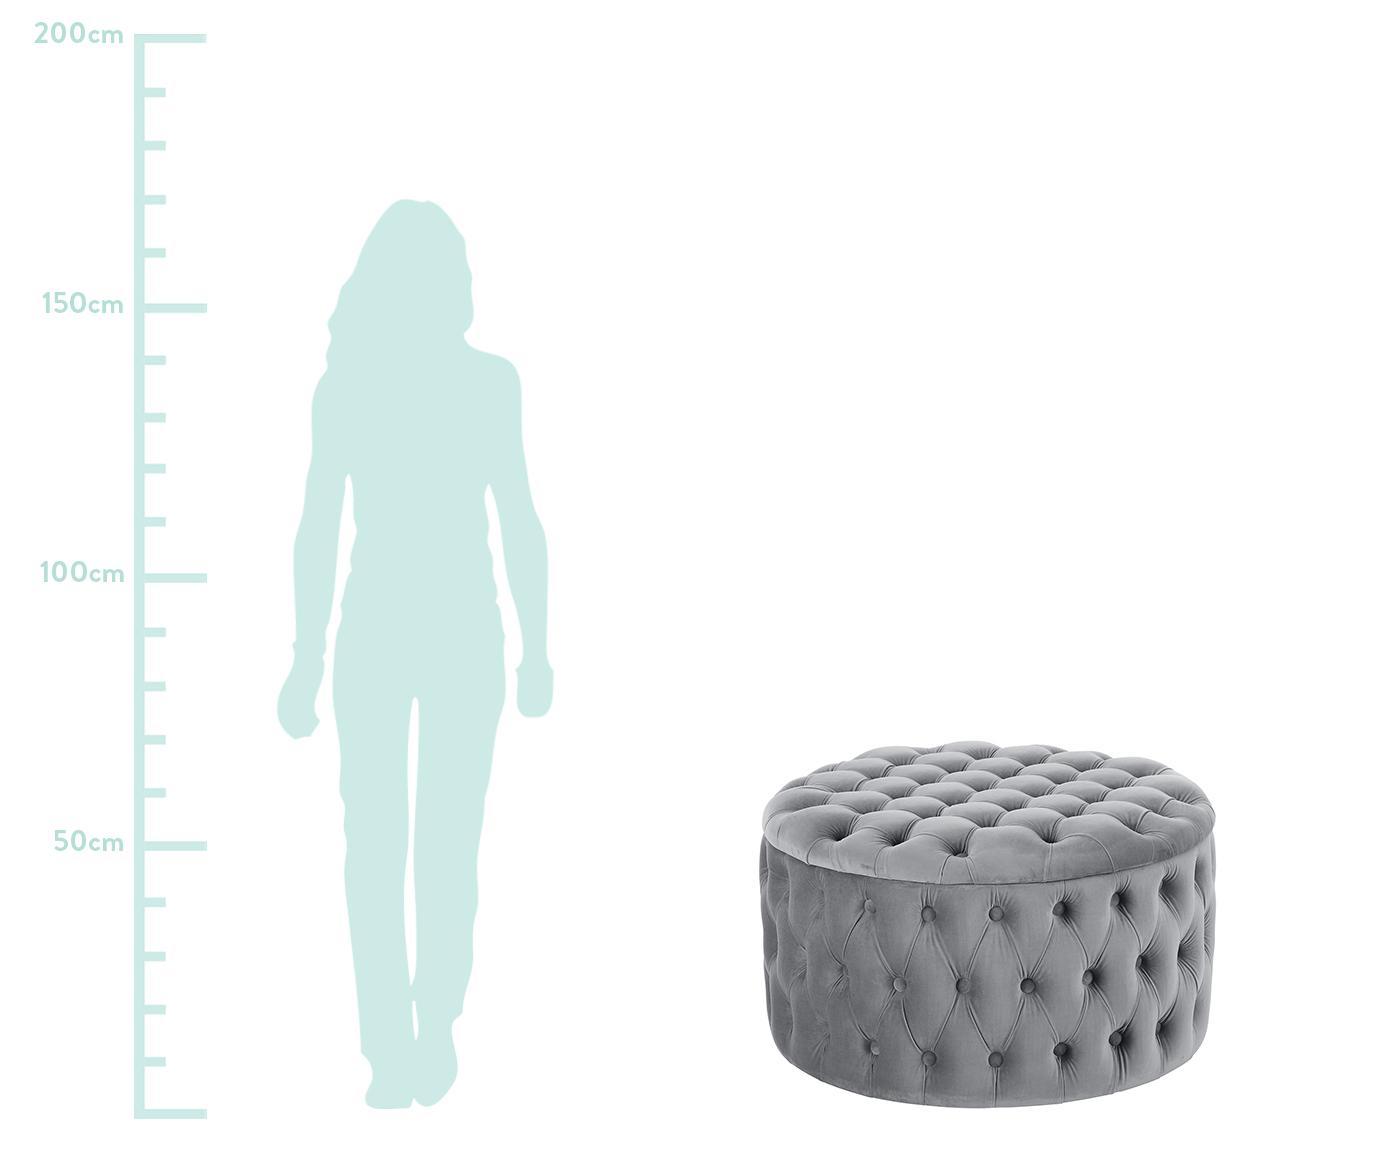 XL Samt-Hocker Chiara mit Stauraum, Bezug: Samt (Polyester) Der hoch, Korpus: Eukalyptusholz, Grau, ∅ 70 x H 42 cm